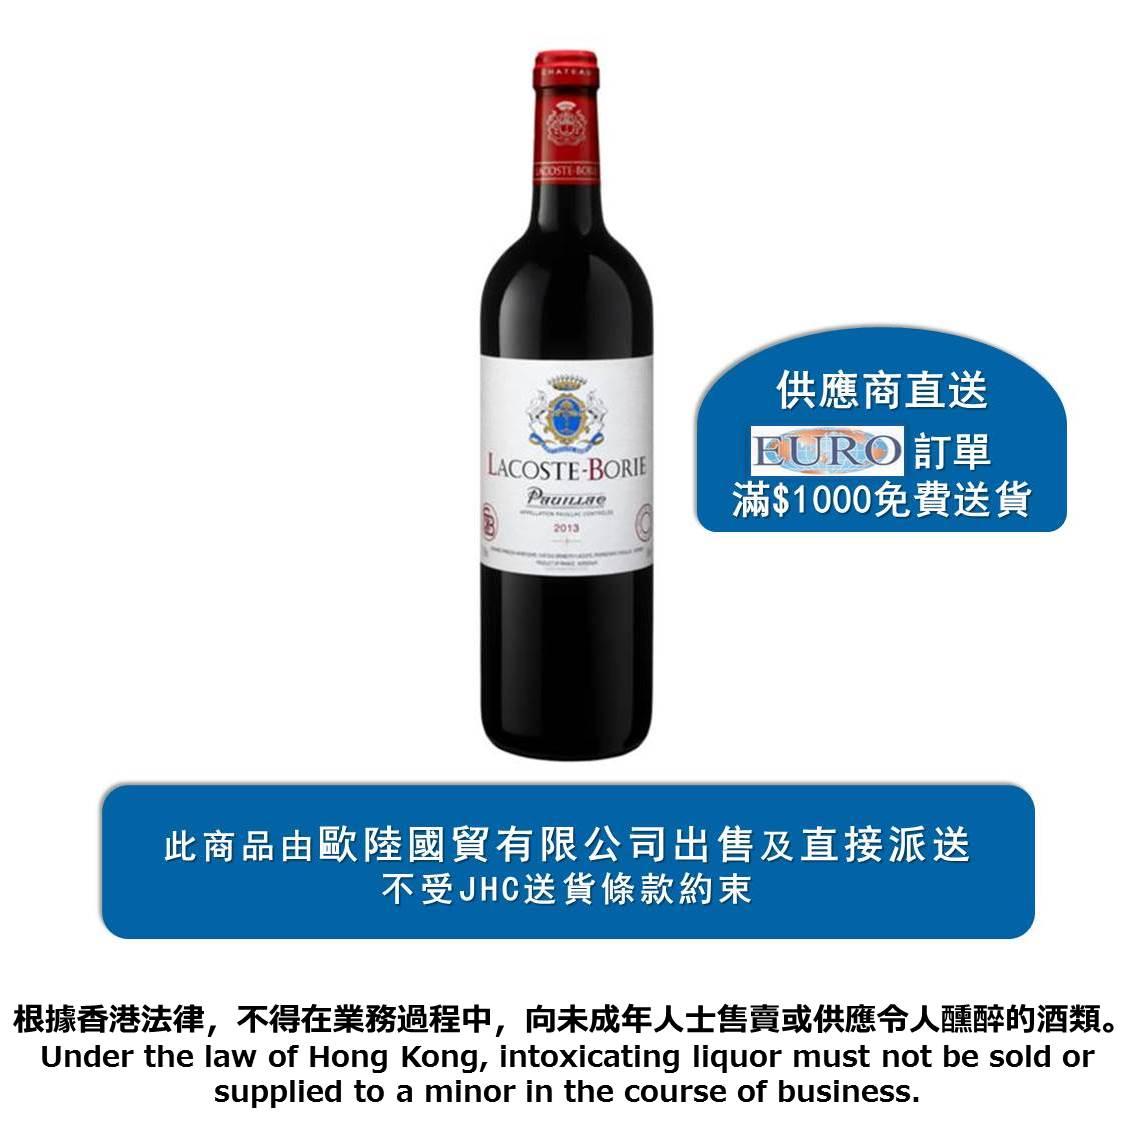 LACOSTE BORIE葡萄酒 2013